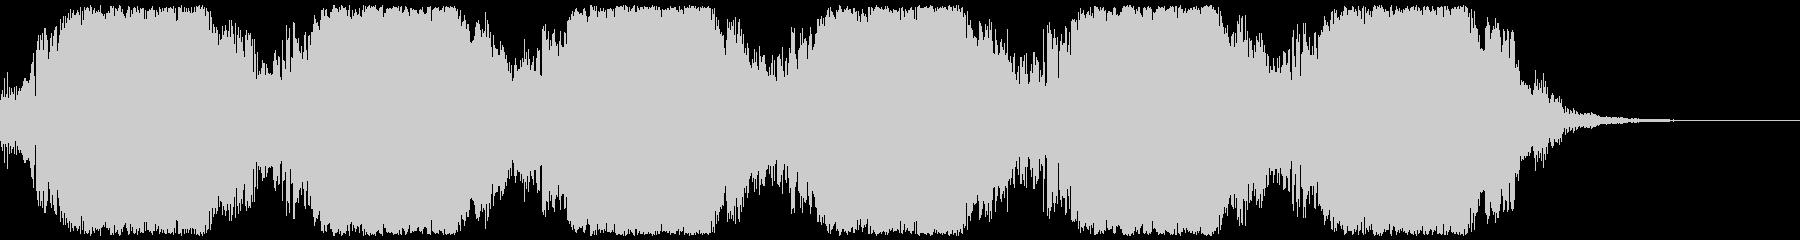 SF背景音(ブワ〜、ボワ〜)BPM120の未再生の波形